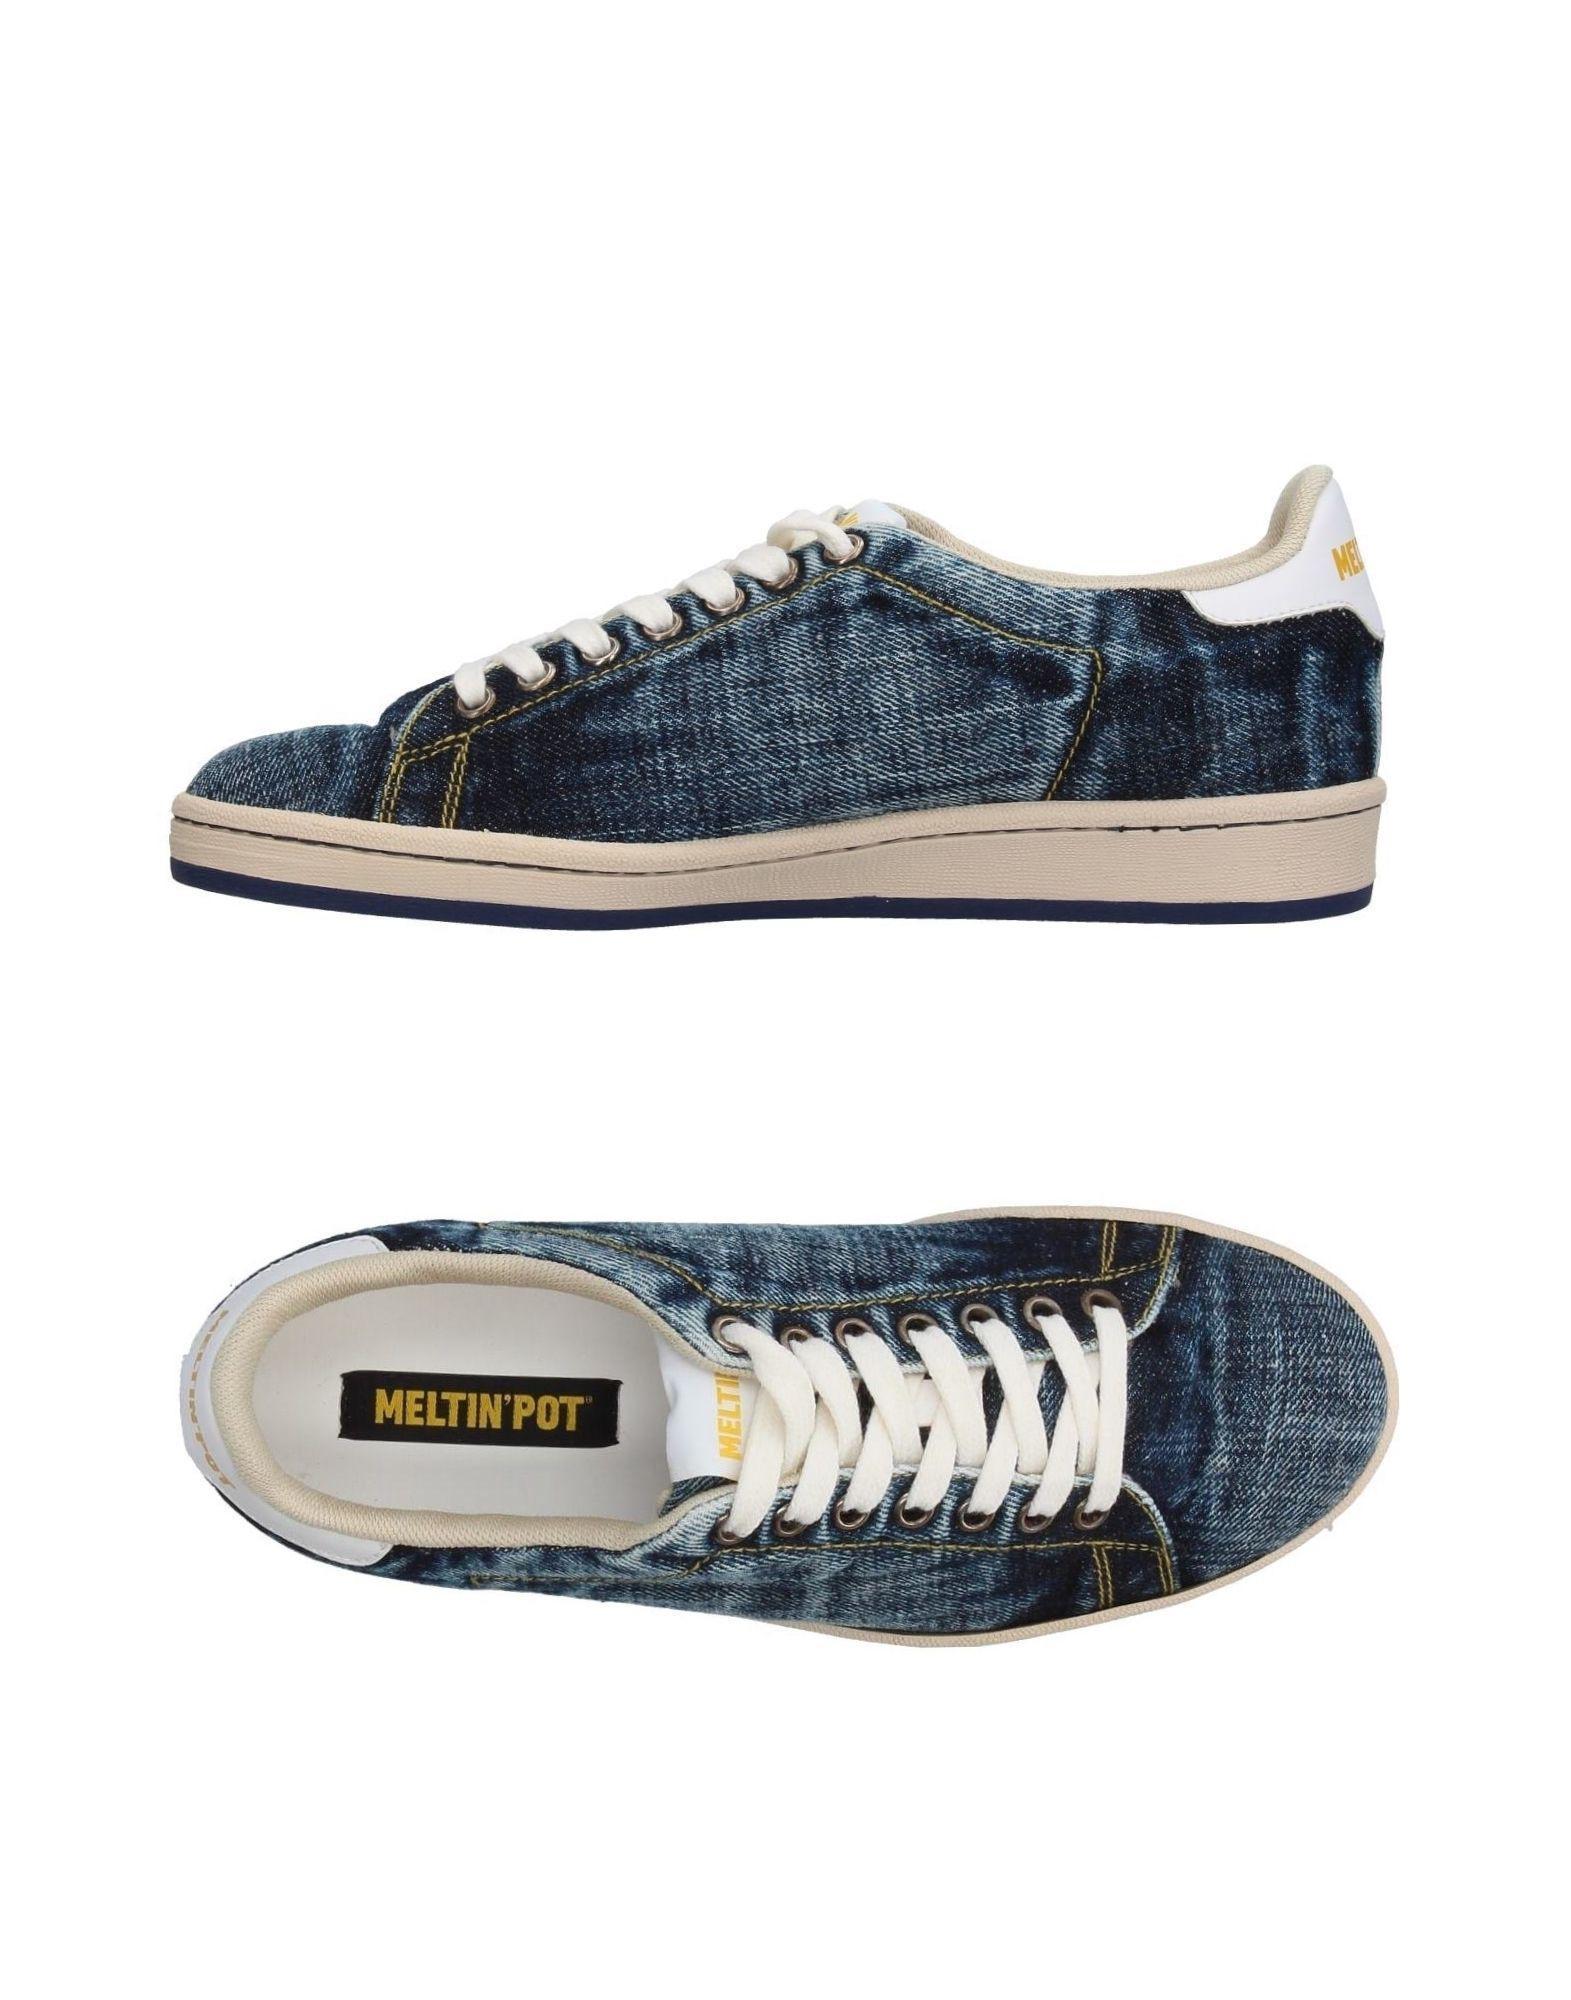 FOOTWEAR - Low-tops & sneakers Meltin Pot Ch8wkL